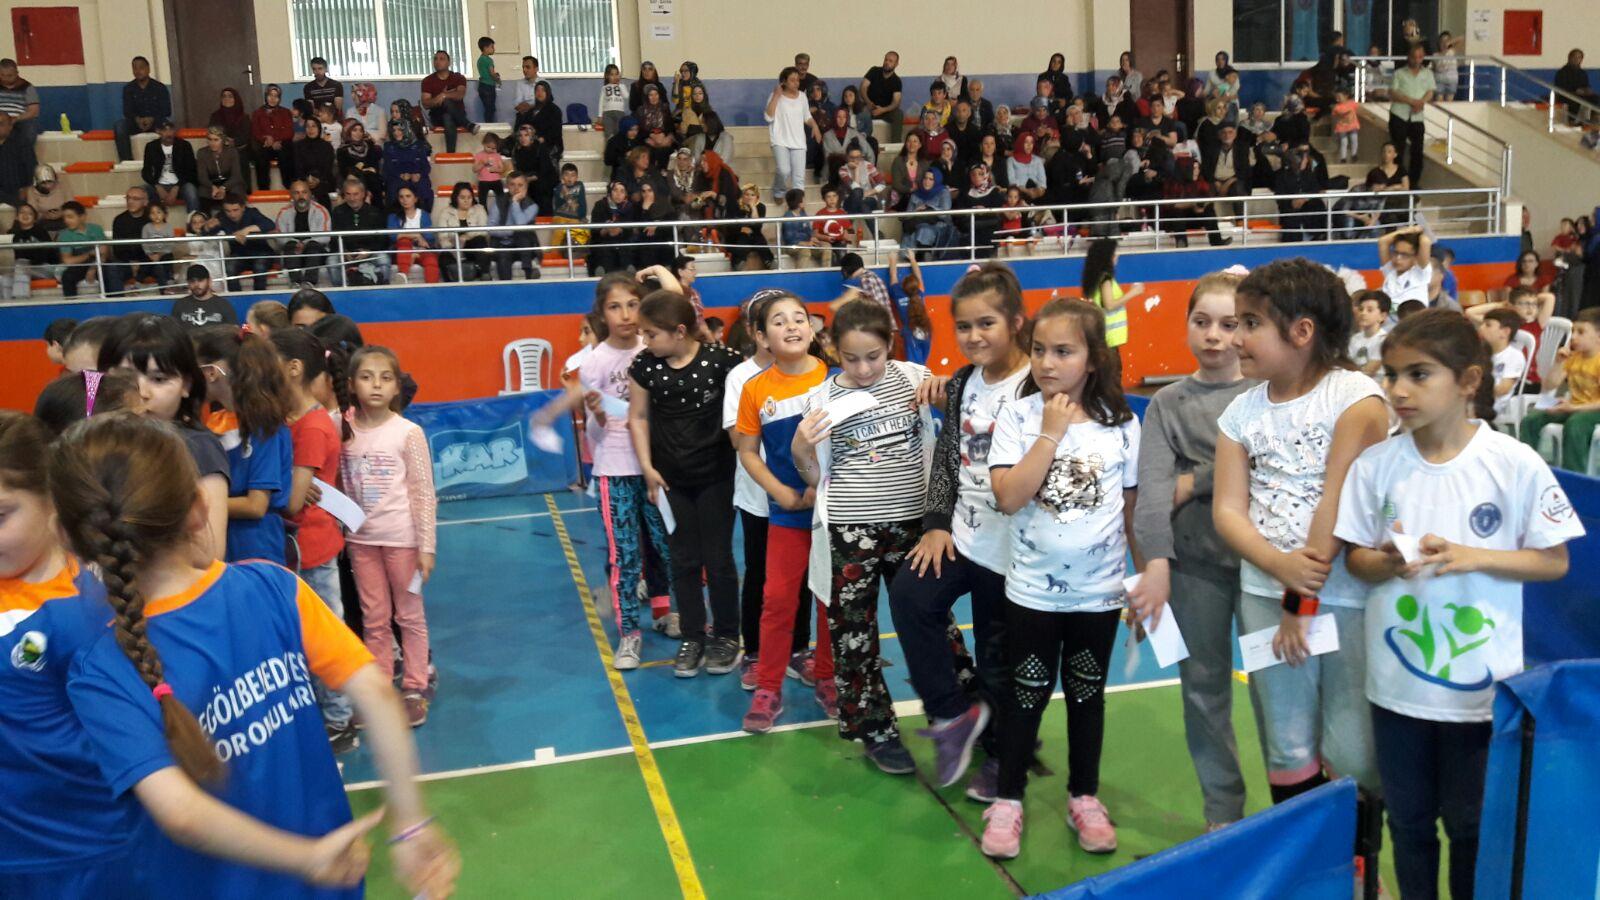 Spor Tırmanış Minikler, Küçükler Lider Türkiye Şampiyonası Finalleri 2.Ayak - Samsun Katılımcı Listesi